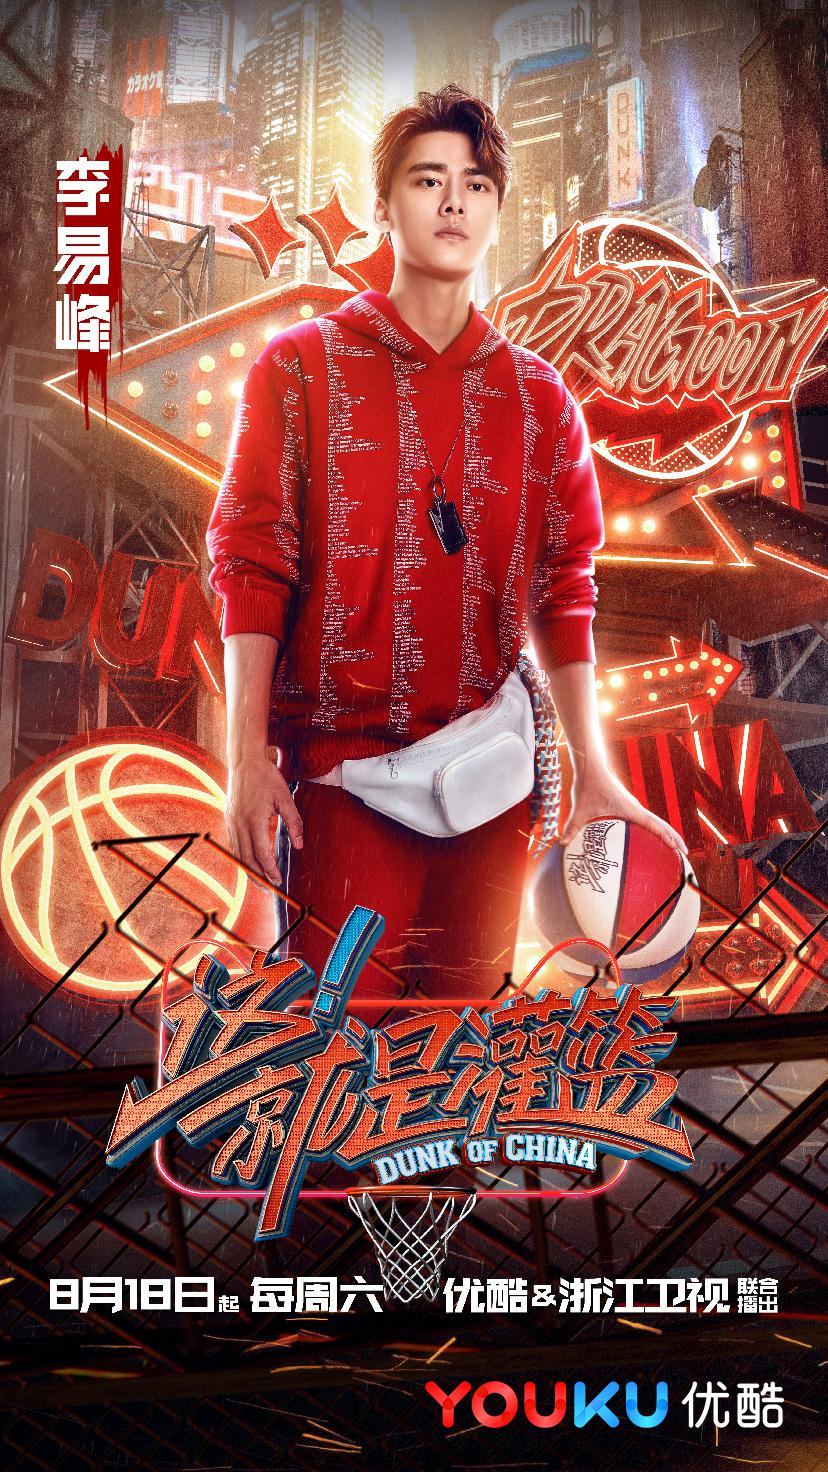 《这就是灌篮》官宣 周杰伦李易峰分阵营点燃最炫篮球火